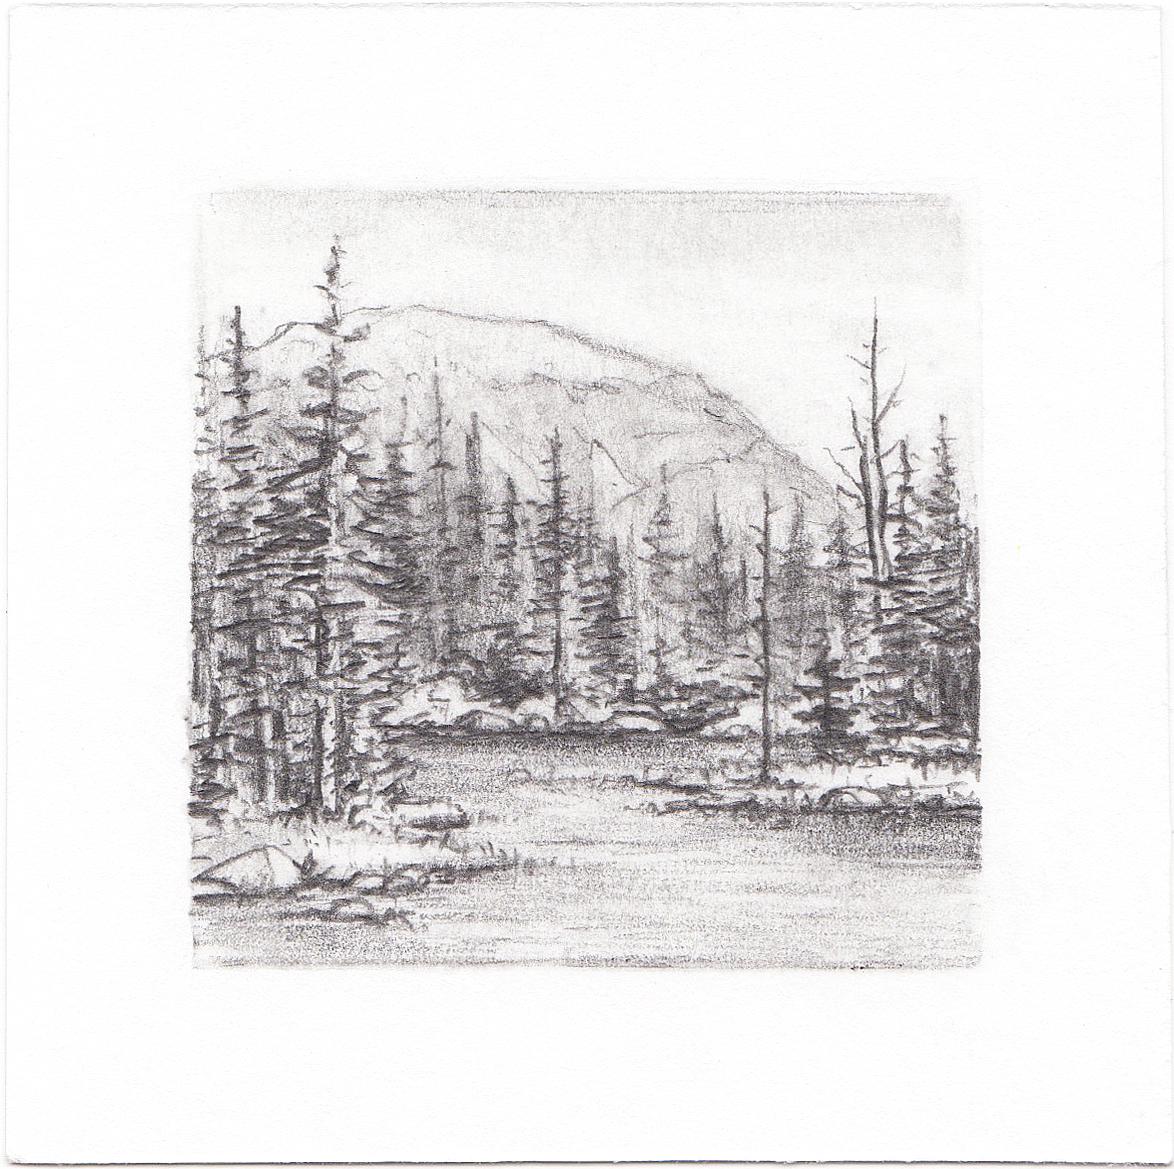 #27 Hayden Lake, Uinta Mountains, Utah | 3x3 | graphite